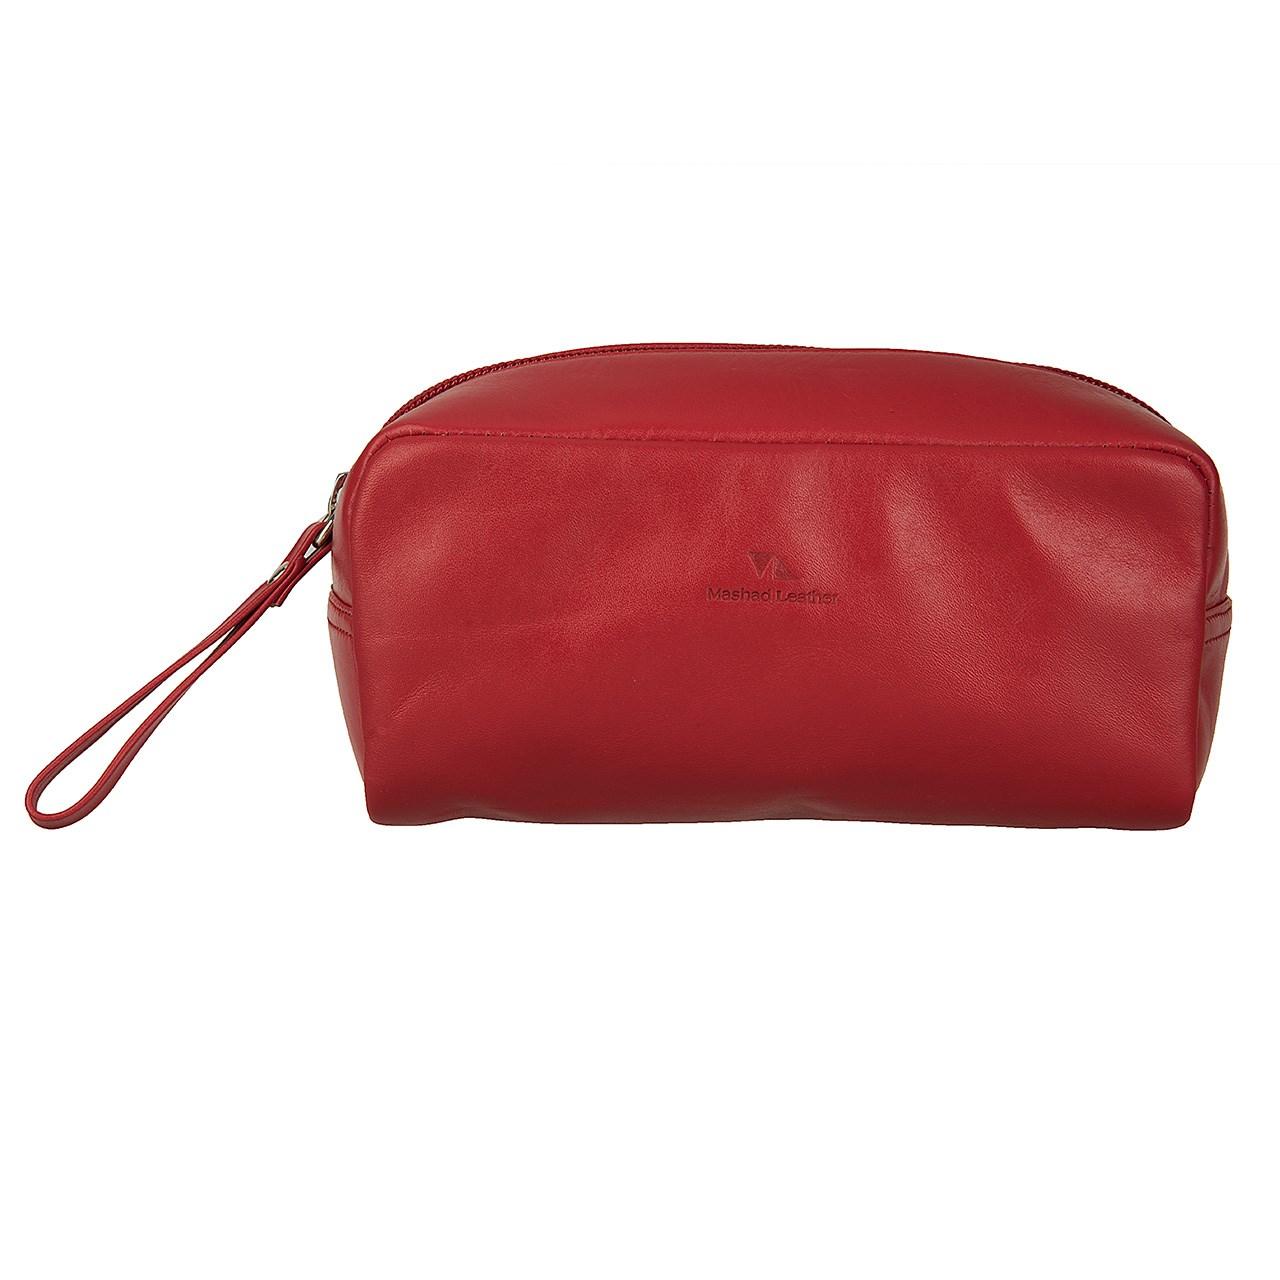 کیف لوازم آرایش چرم مشهد مدل L0177